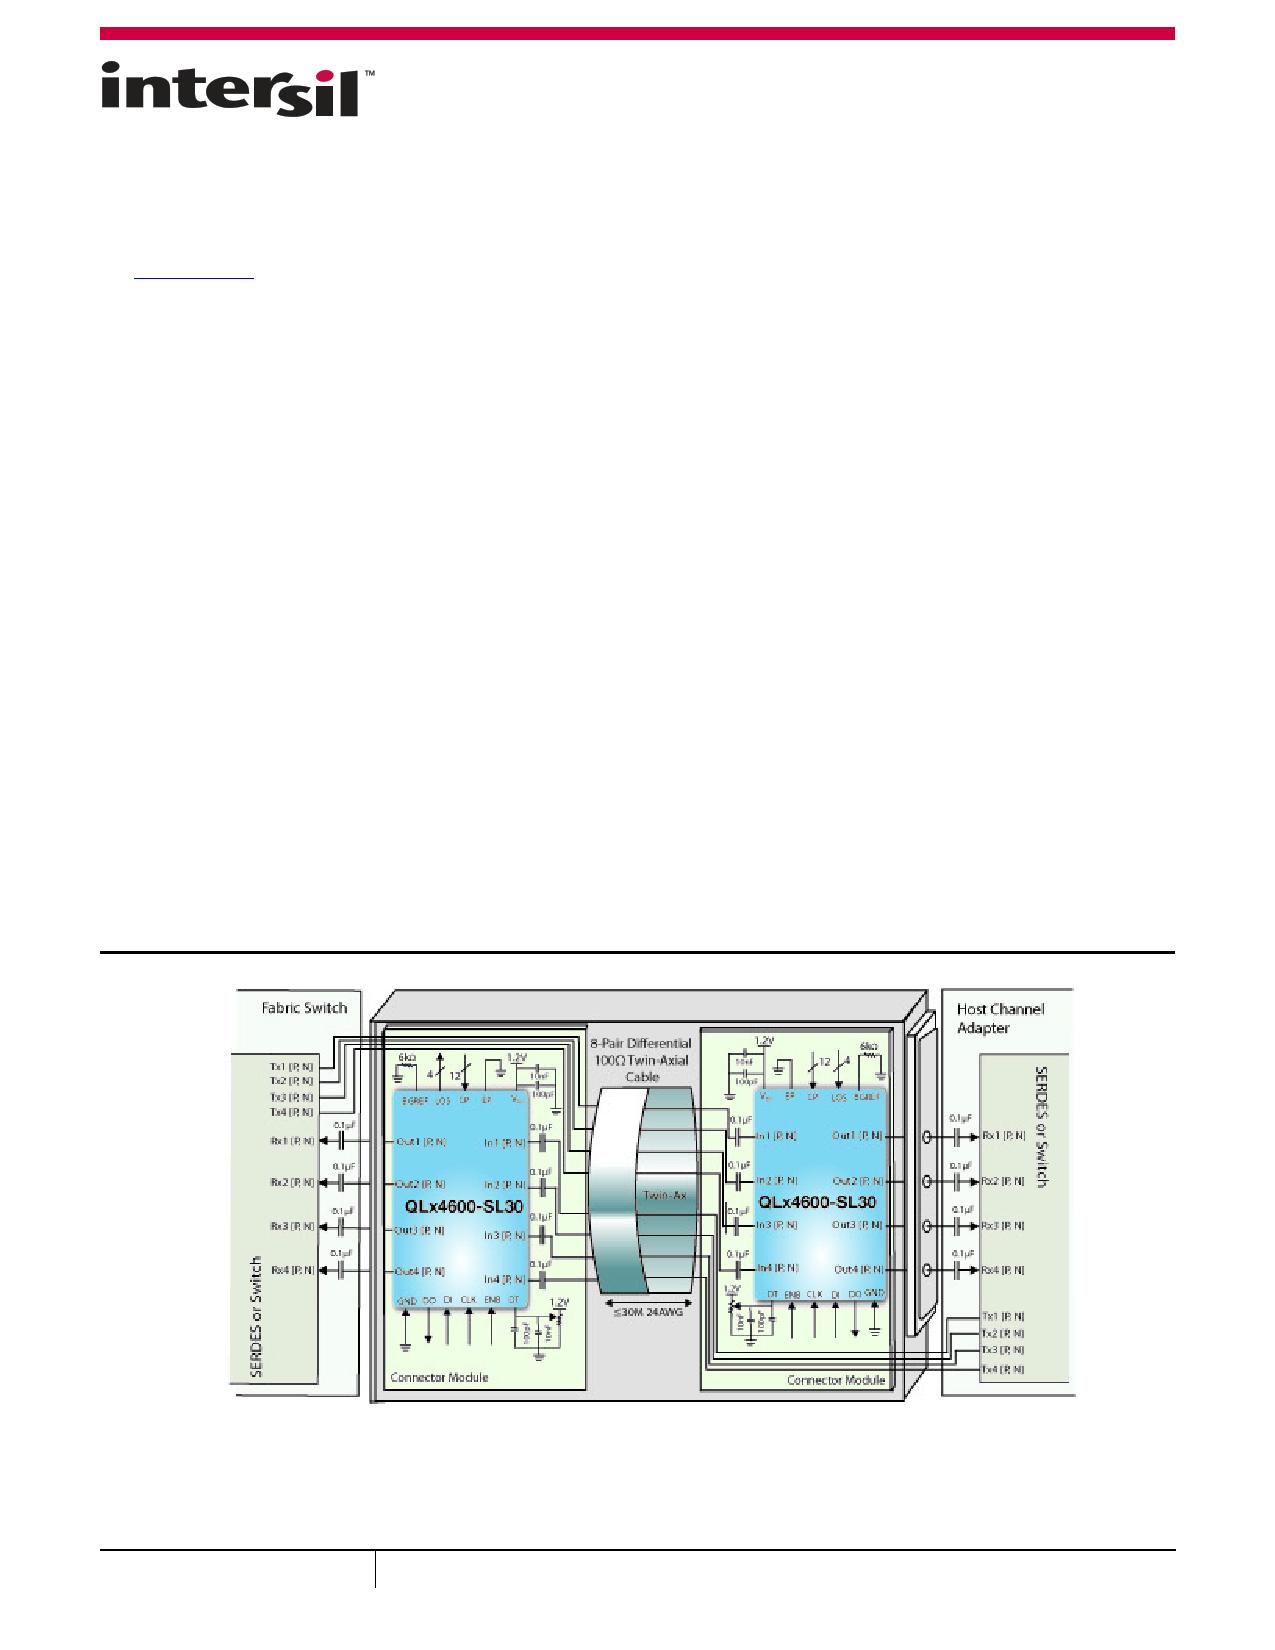 QLx4600-SL30 datasheet